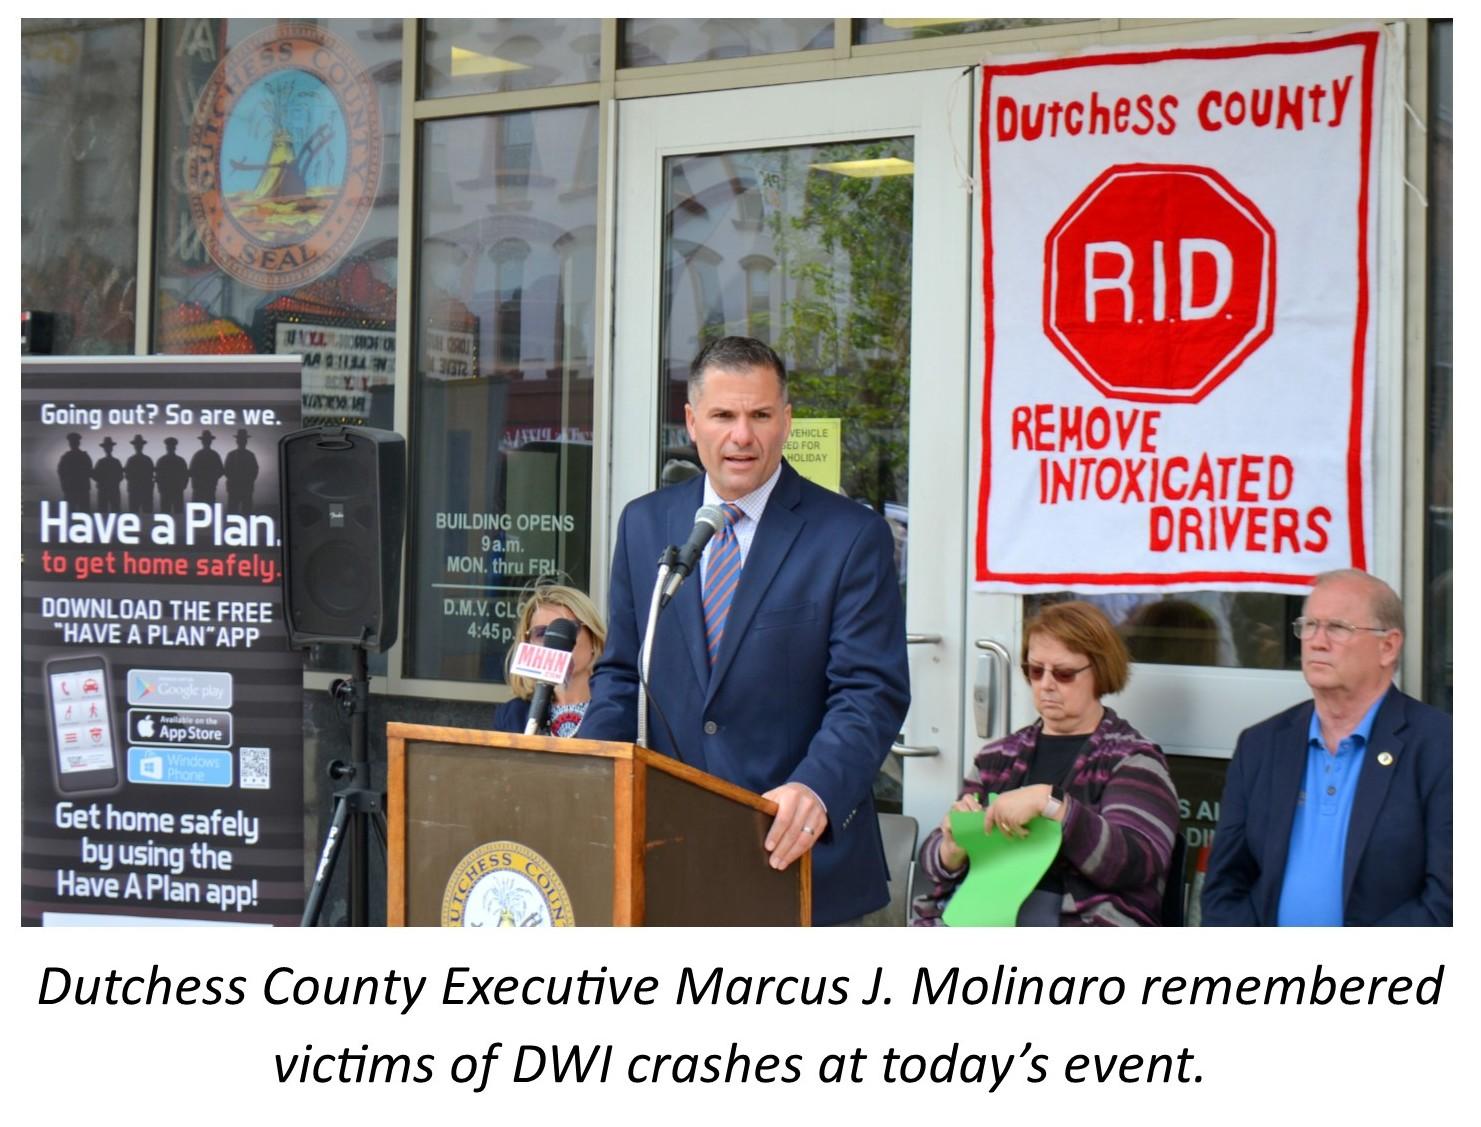 County Executive Molinaro at RID Ceremony